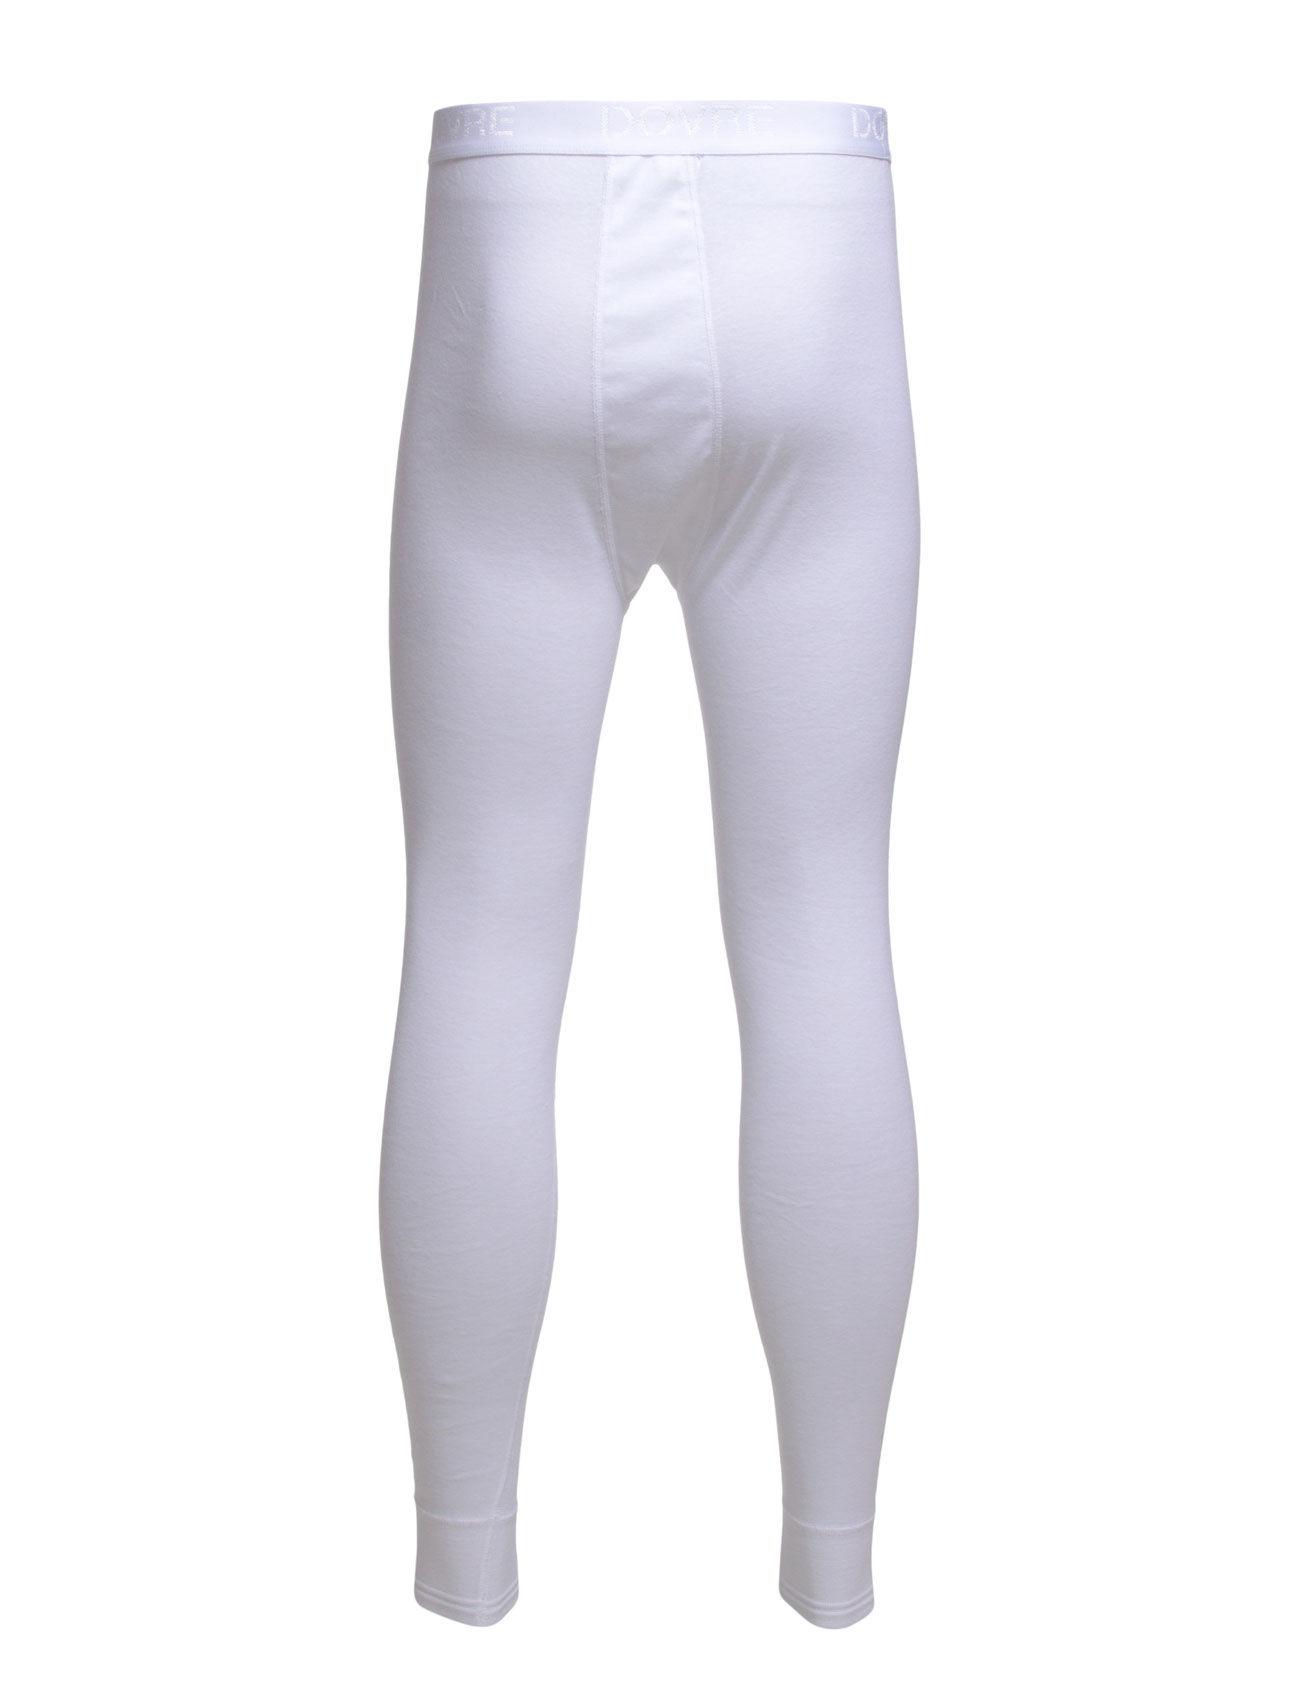 Dovre - Benklæde m/lang ben og gylp - iekšējais slānis – apakšējais apģērbs - white - 1